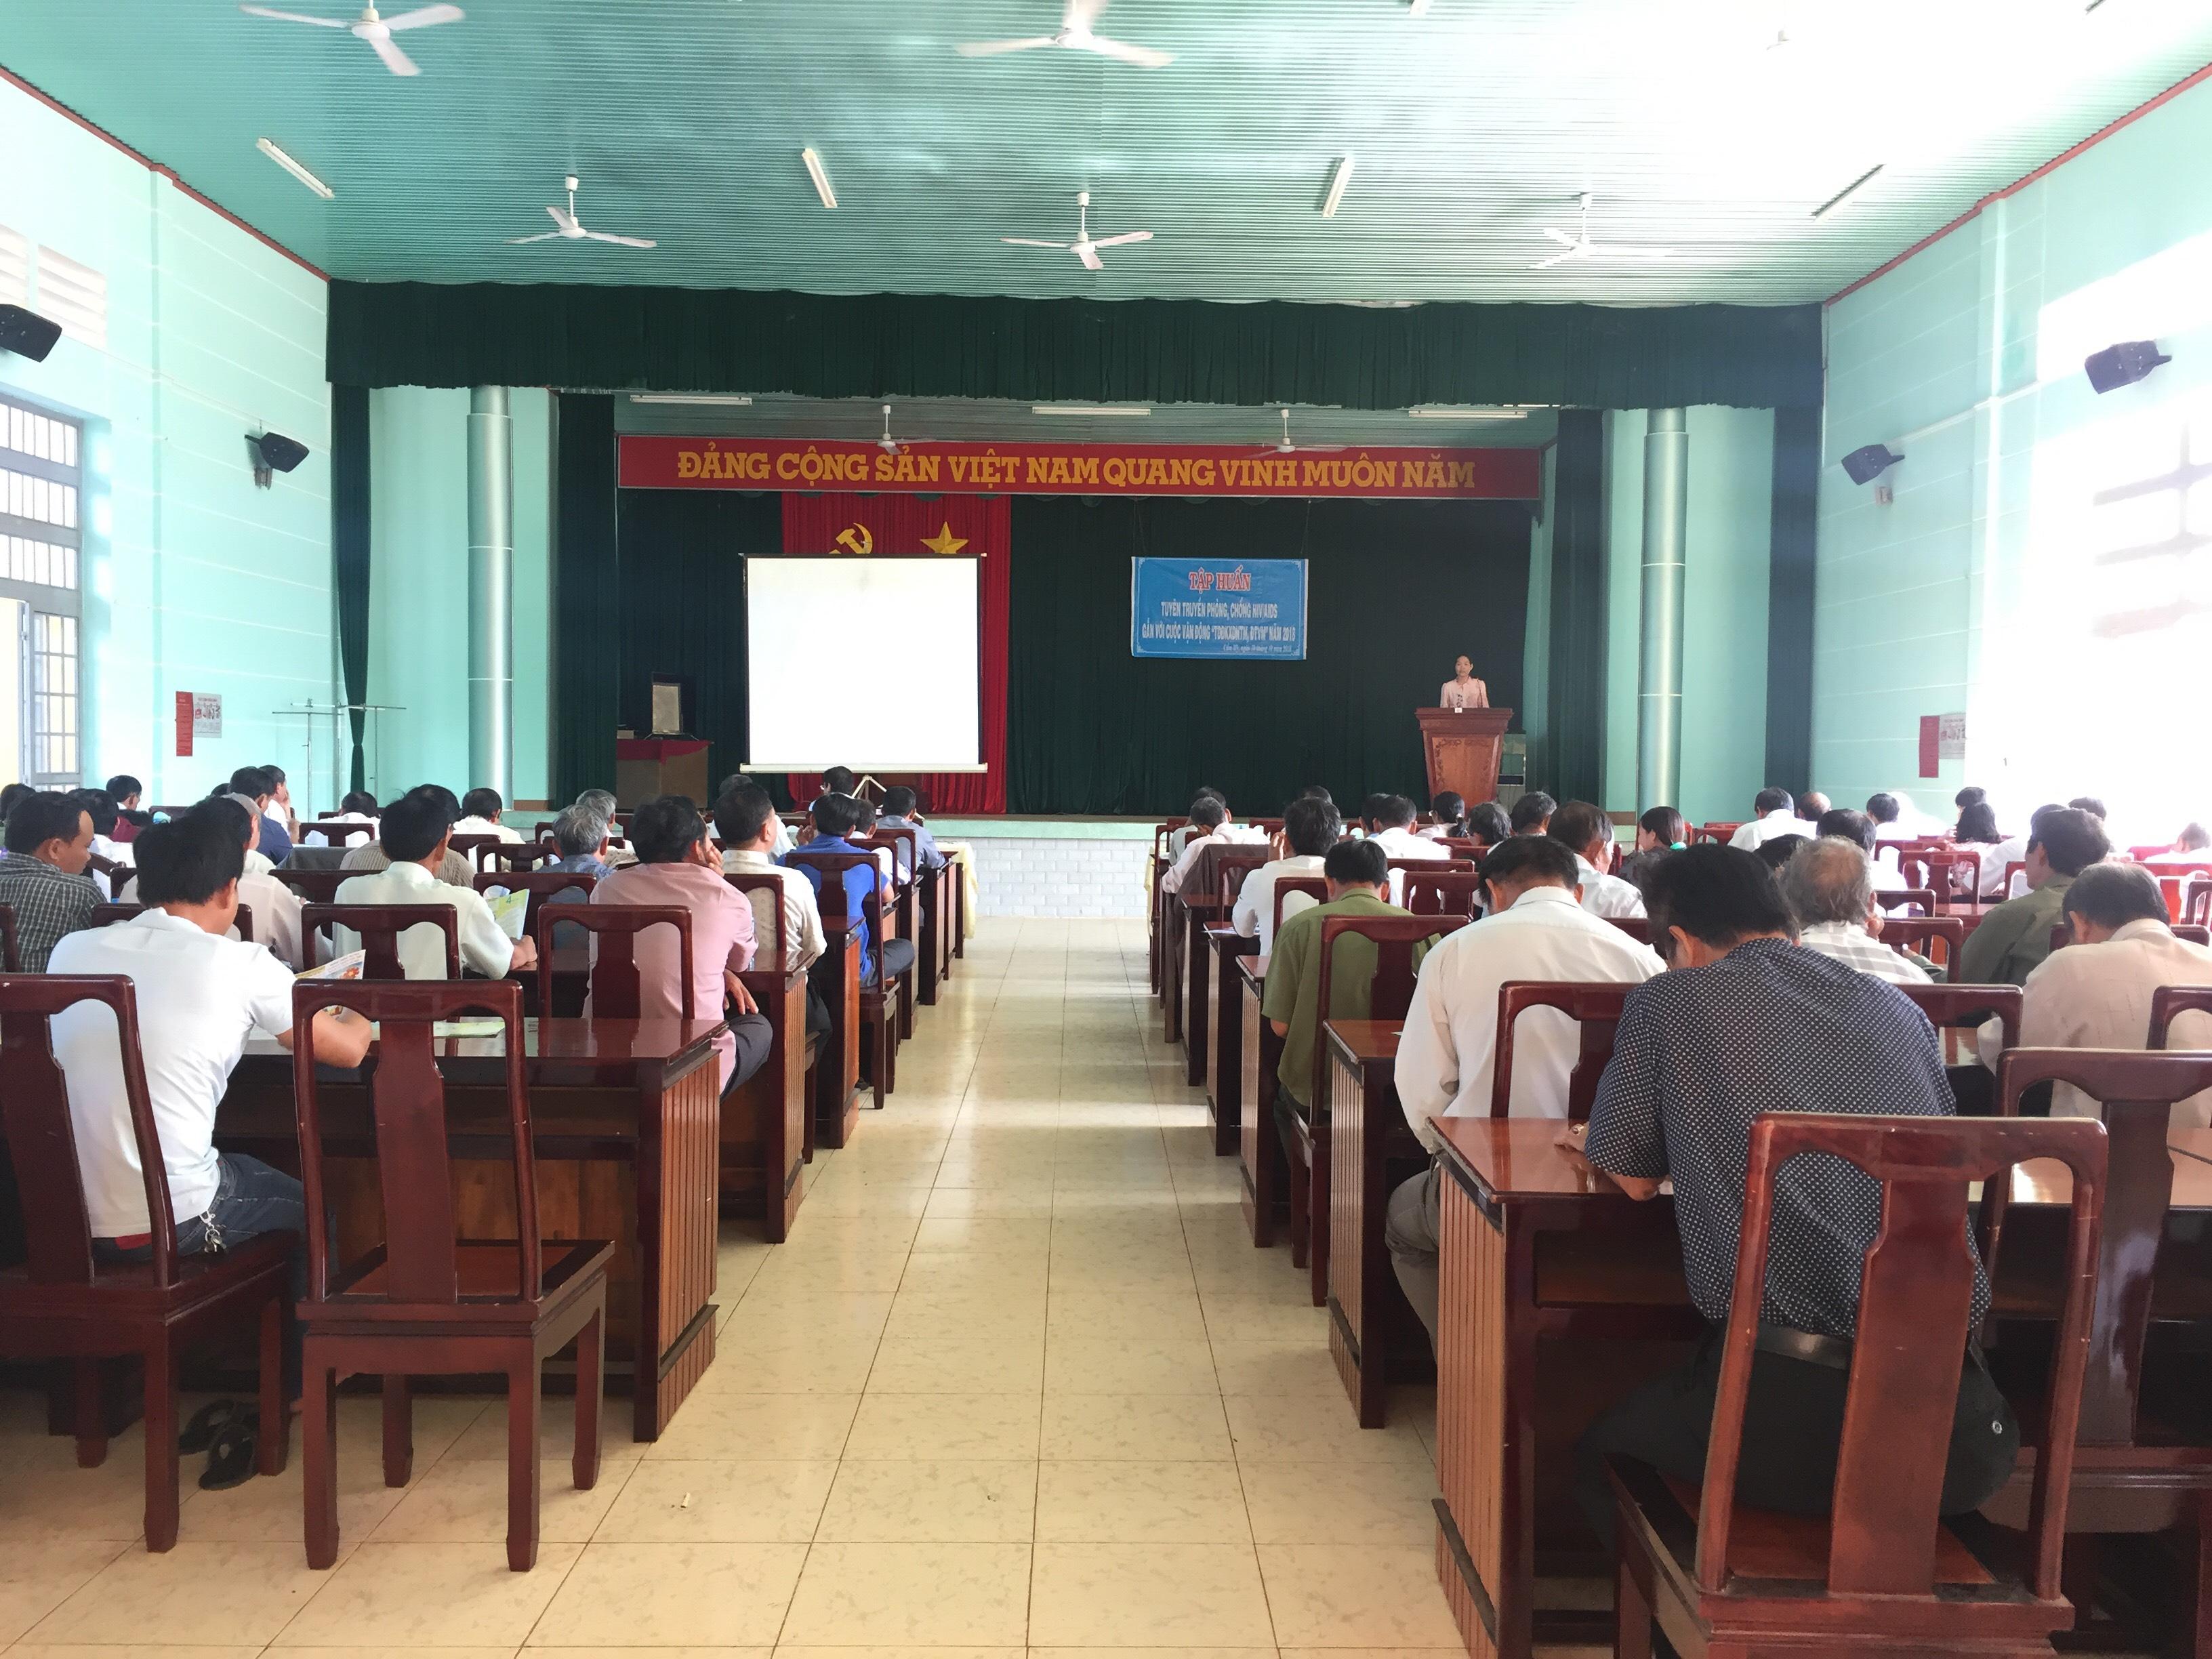 Tập huấn tuyên truyền phòng chống HIV/AIDS tại các huyện Cẩm Mỹ, Xuân Lộc và thị xã Long Khánh